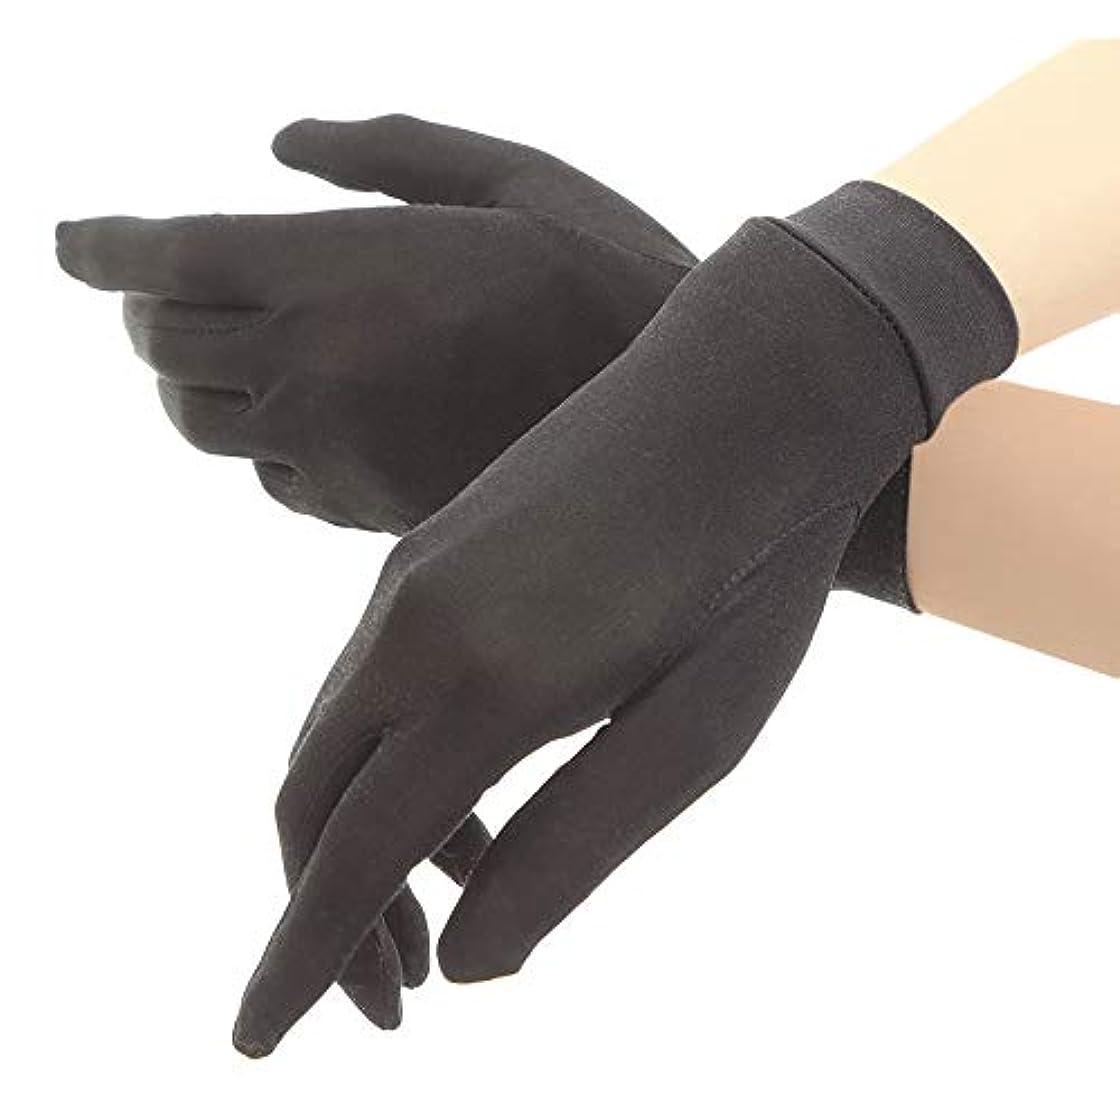 デザート運動毒液シルク手袋 レディース 手袋 シルク 絹 ハンド ケア 保湿 紫外線 肌荒れ 乾燥 サイズアップで手指にマッチ 【macch】